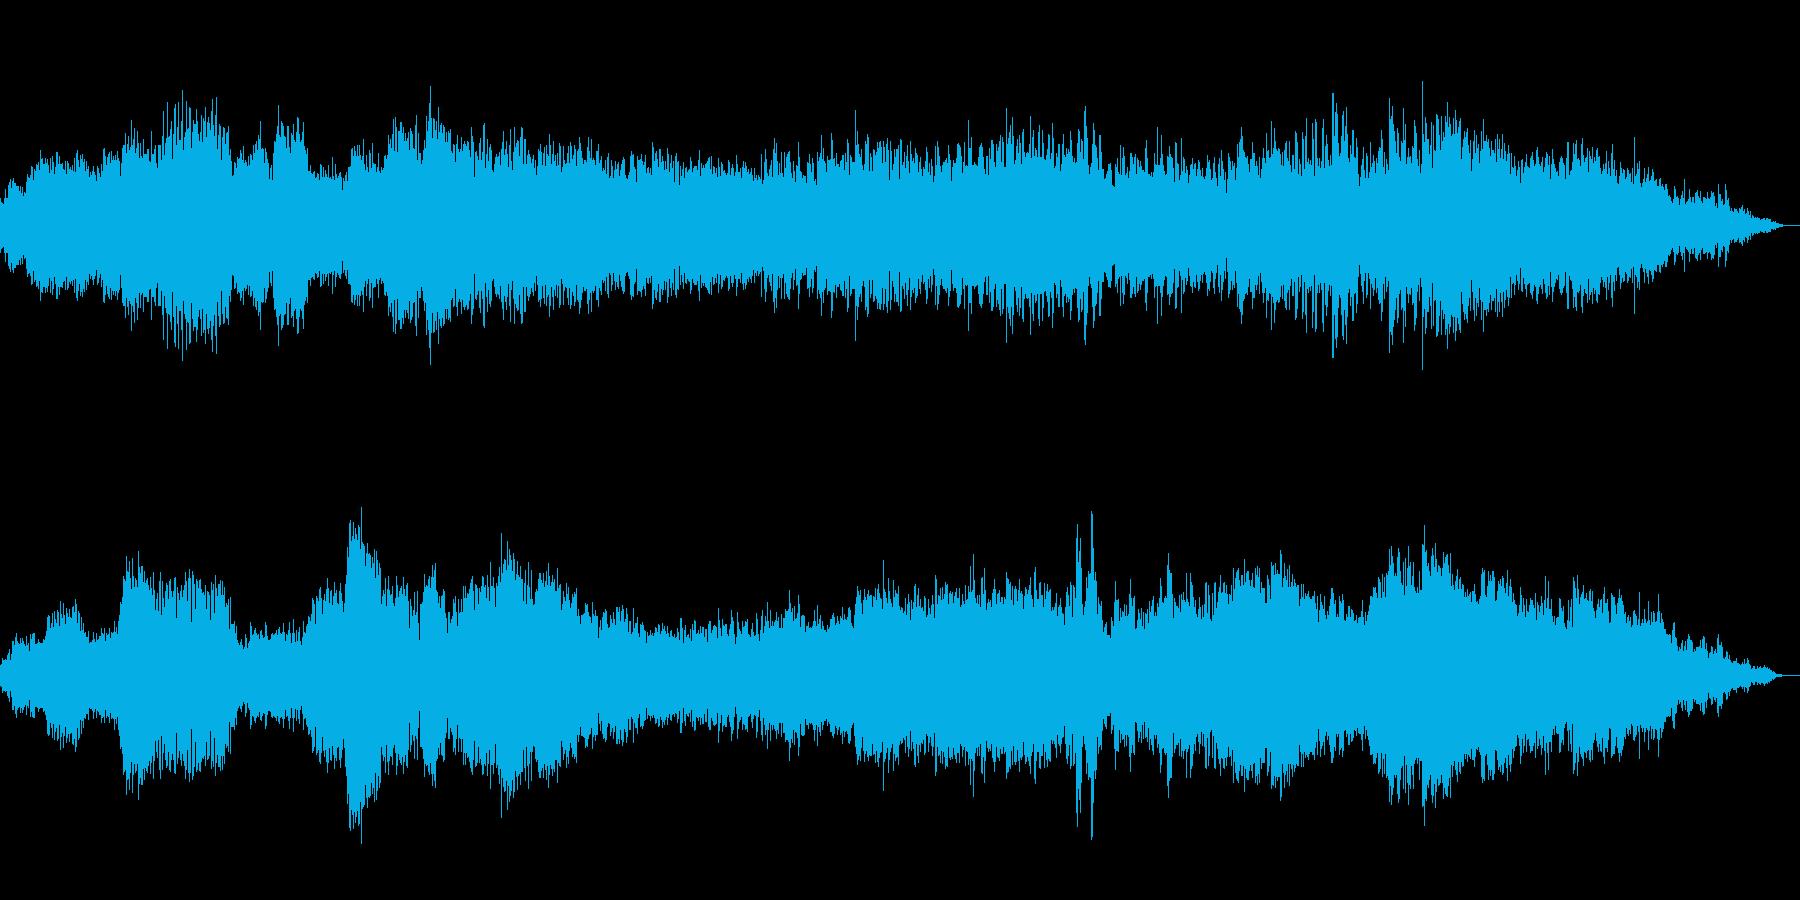 瞑想・ヨガ・占い・神秘的 癒しの周波数の再生済みの波形